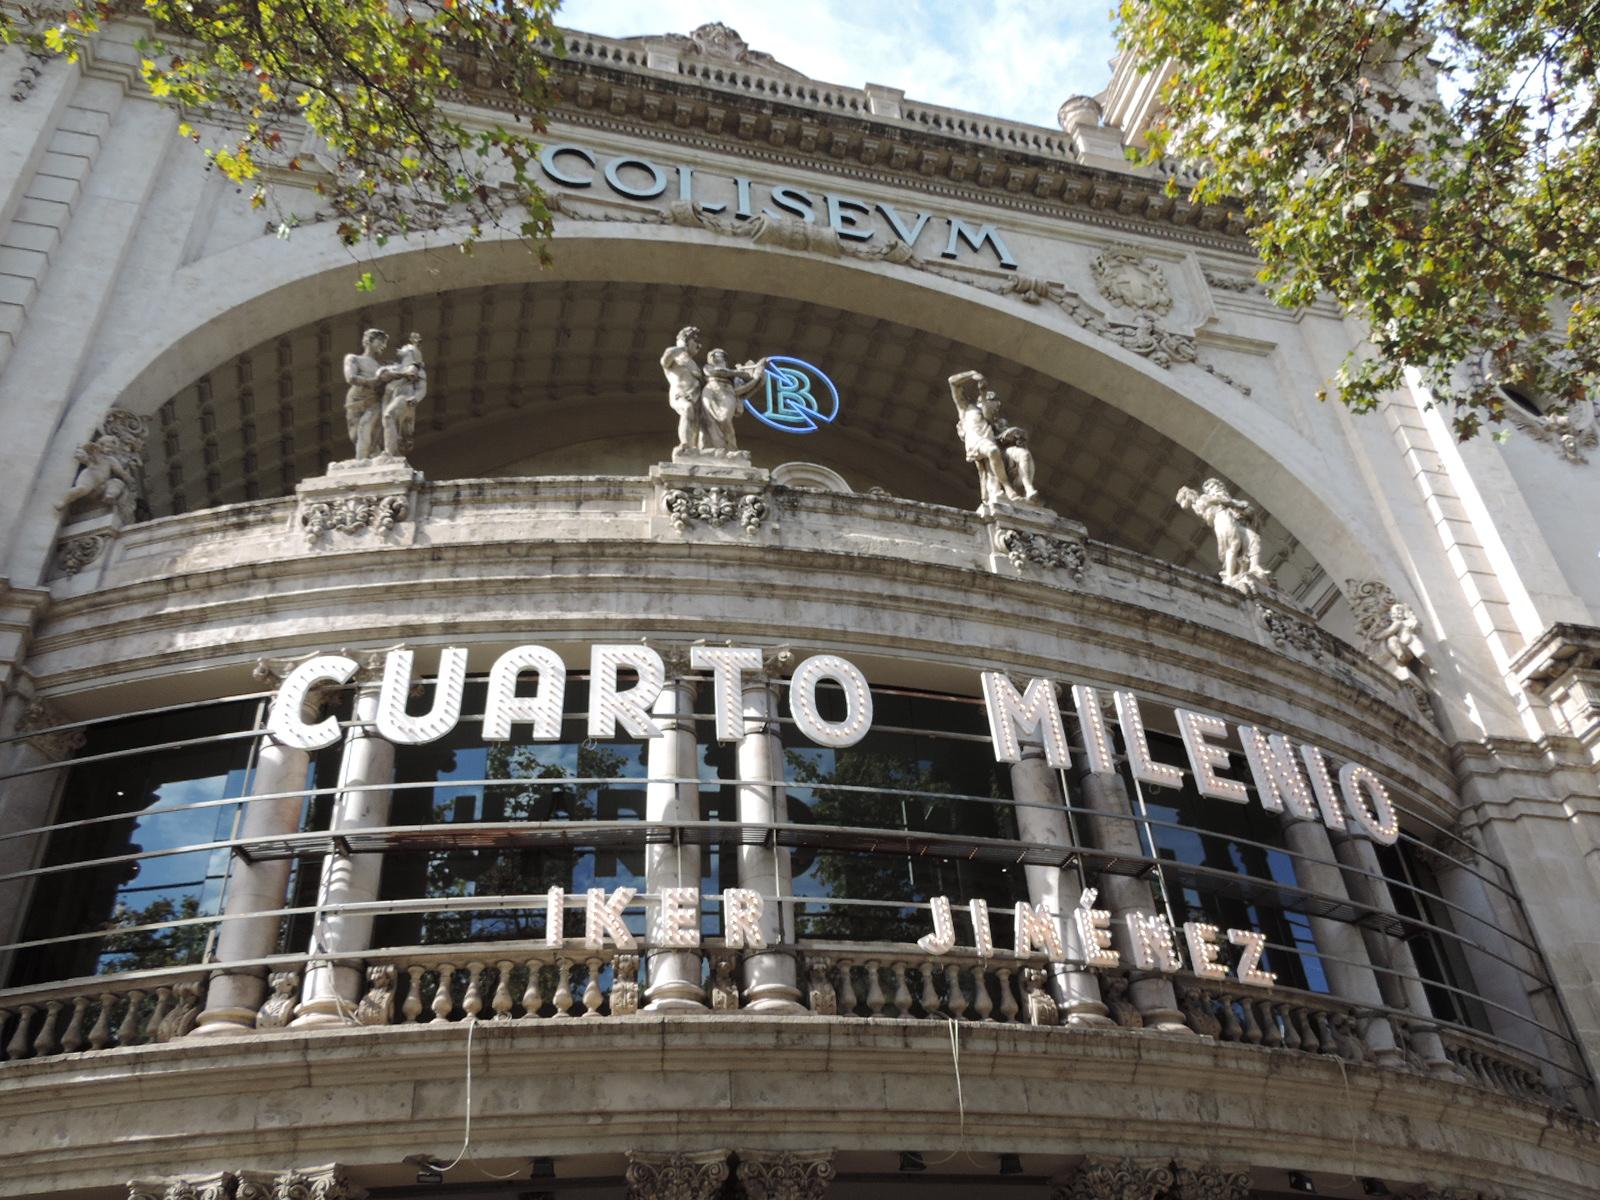 Fashion victim lowcost cuarto milenio for Expo cuarto milenio valencia